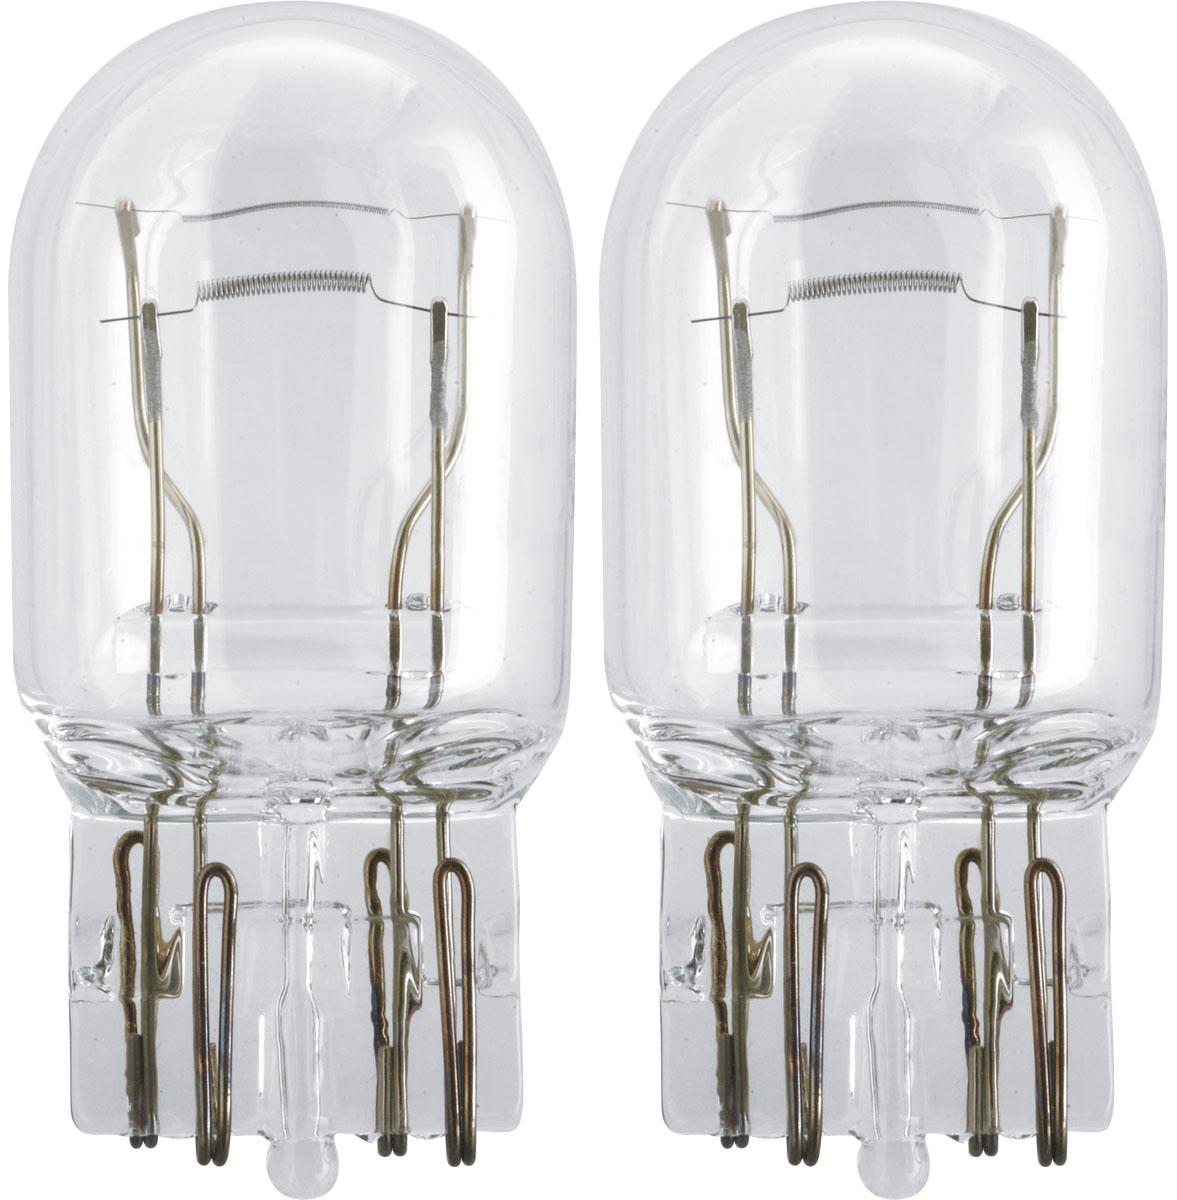 Лампа автомобильная галогенная Philips Vision, сигнальная, цоколь W21/5W, 12V, 21/5W, 2 штPANTERA SPX-2RSАвтомобильная лампа Philips Vision изготовлена из запатентованного кварцевого стекла с УФ-фильтром Philips Quartz Glass. Кварцевое стекло в отличие от обычного стекла выдерживает гораздо большее давление и больший перепад температур. При попадании влаги на работающую лампу, лампа не взрывается и продолжает работать. Лампа Philips Vision производит на 30% больше света по сравнению со стандартной лампой, благодаря чему стоп-сигналы или указатели поворота будут заметны с большего расстояния. Лампа Philips Vision отличается высокой эффективностью, соответствуя всем современным требованиям.